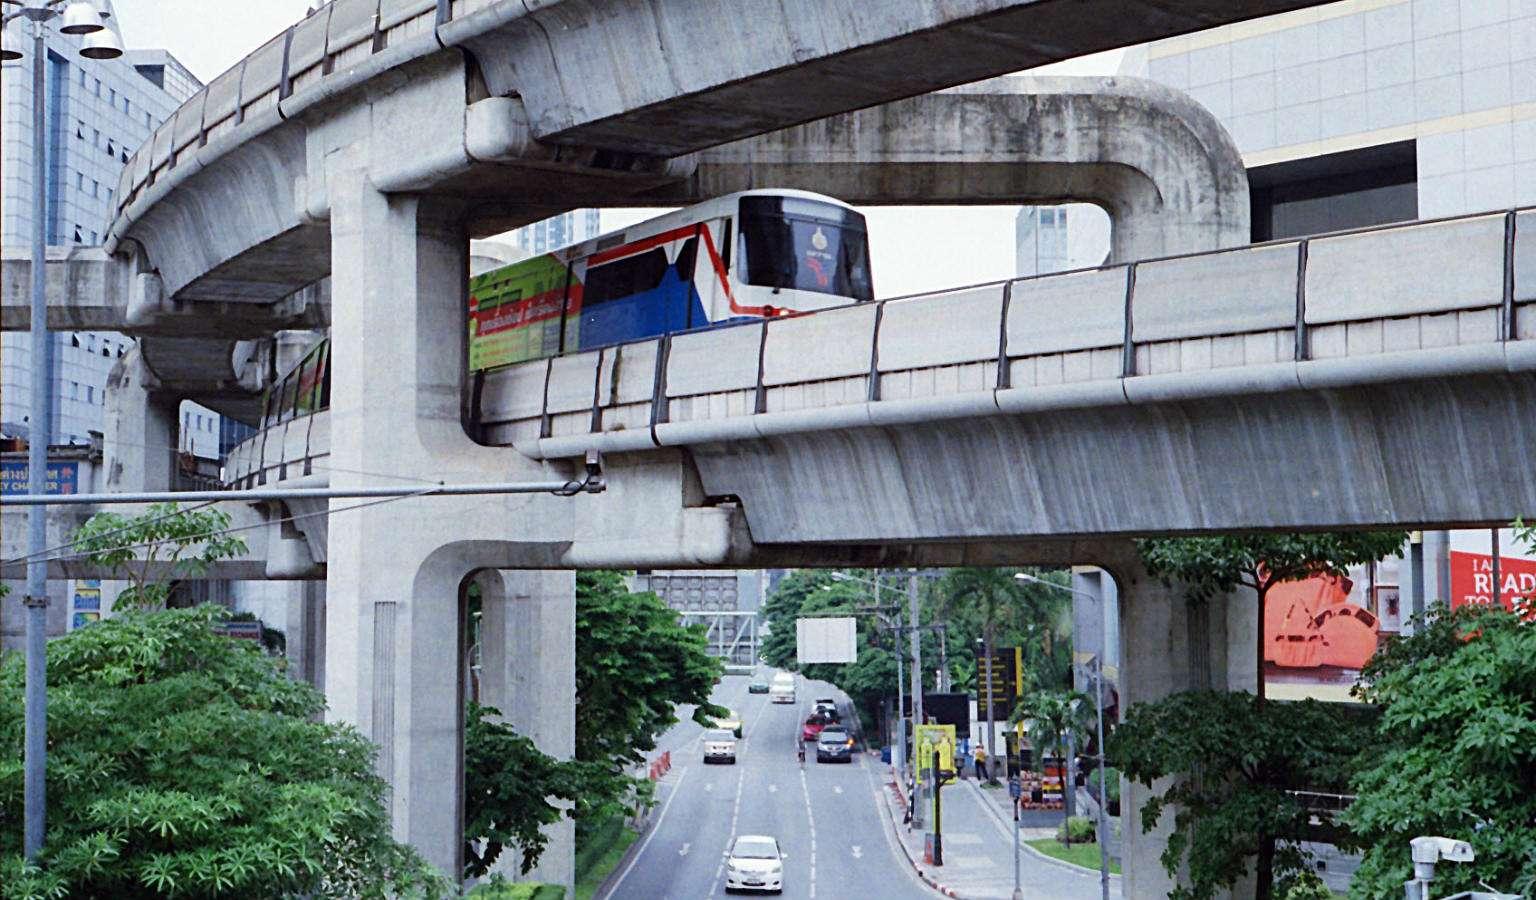 Betonnen pilaren boven de weg met skytrain die er overheen rijdt.